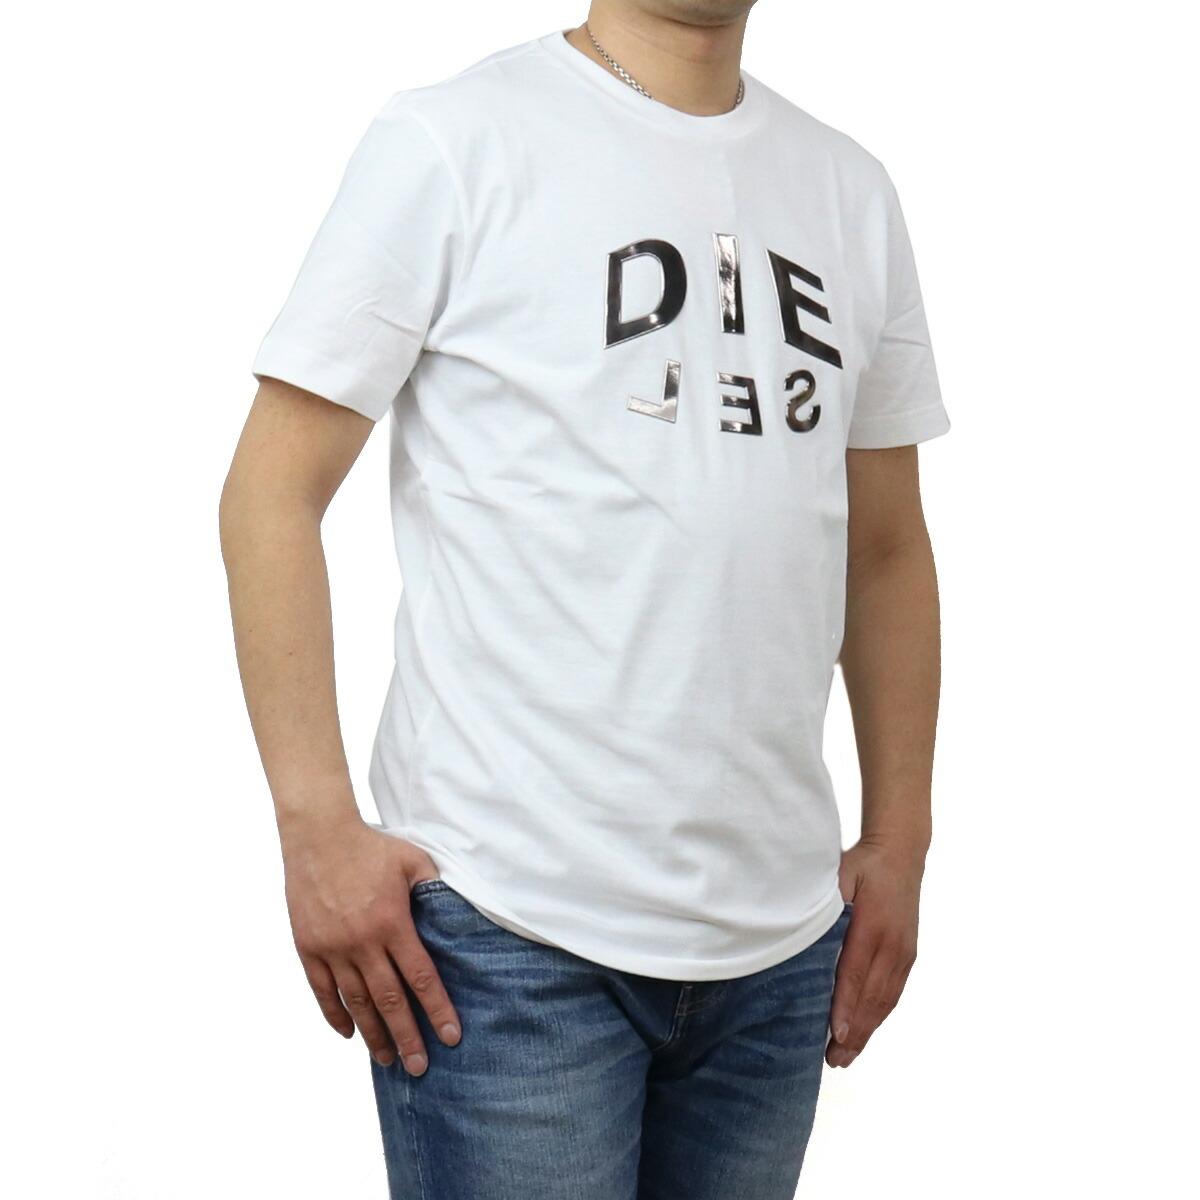 ディーゼル DIESEL メンズ-Tシャツ A01746 0PATI 100 ホワイト系 bos-43 apparel-01 ts-01 メンズ